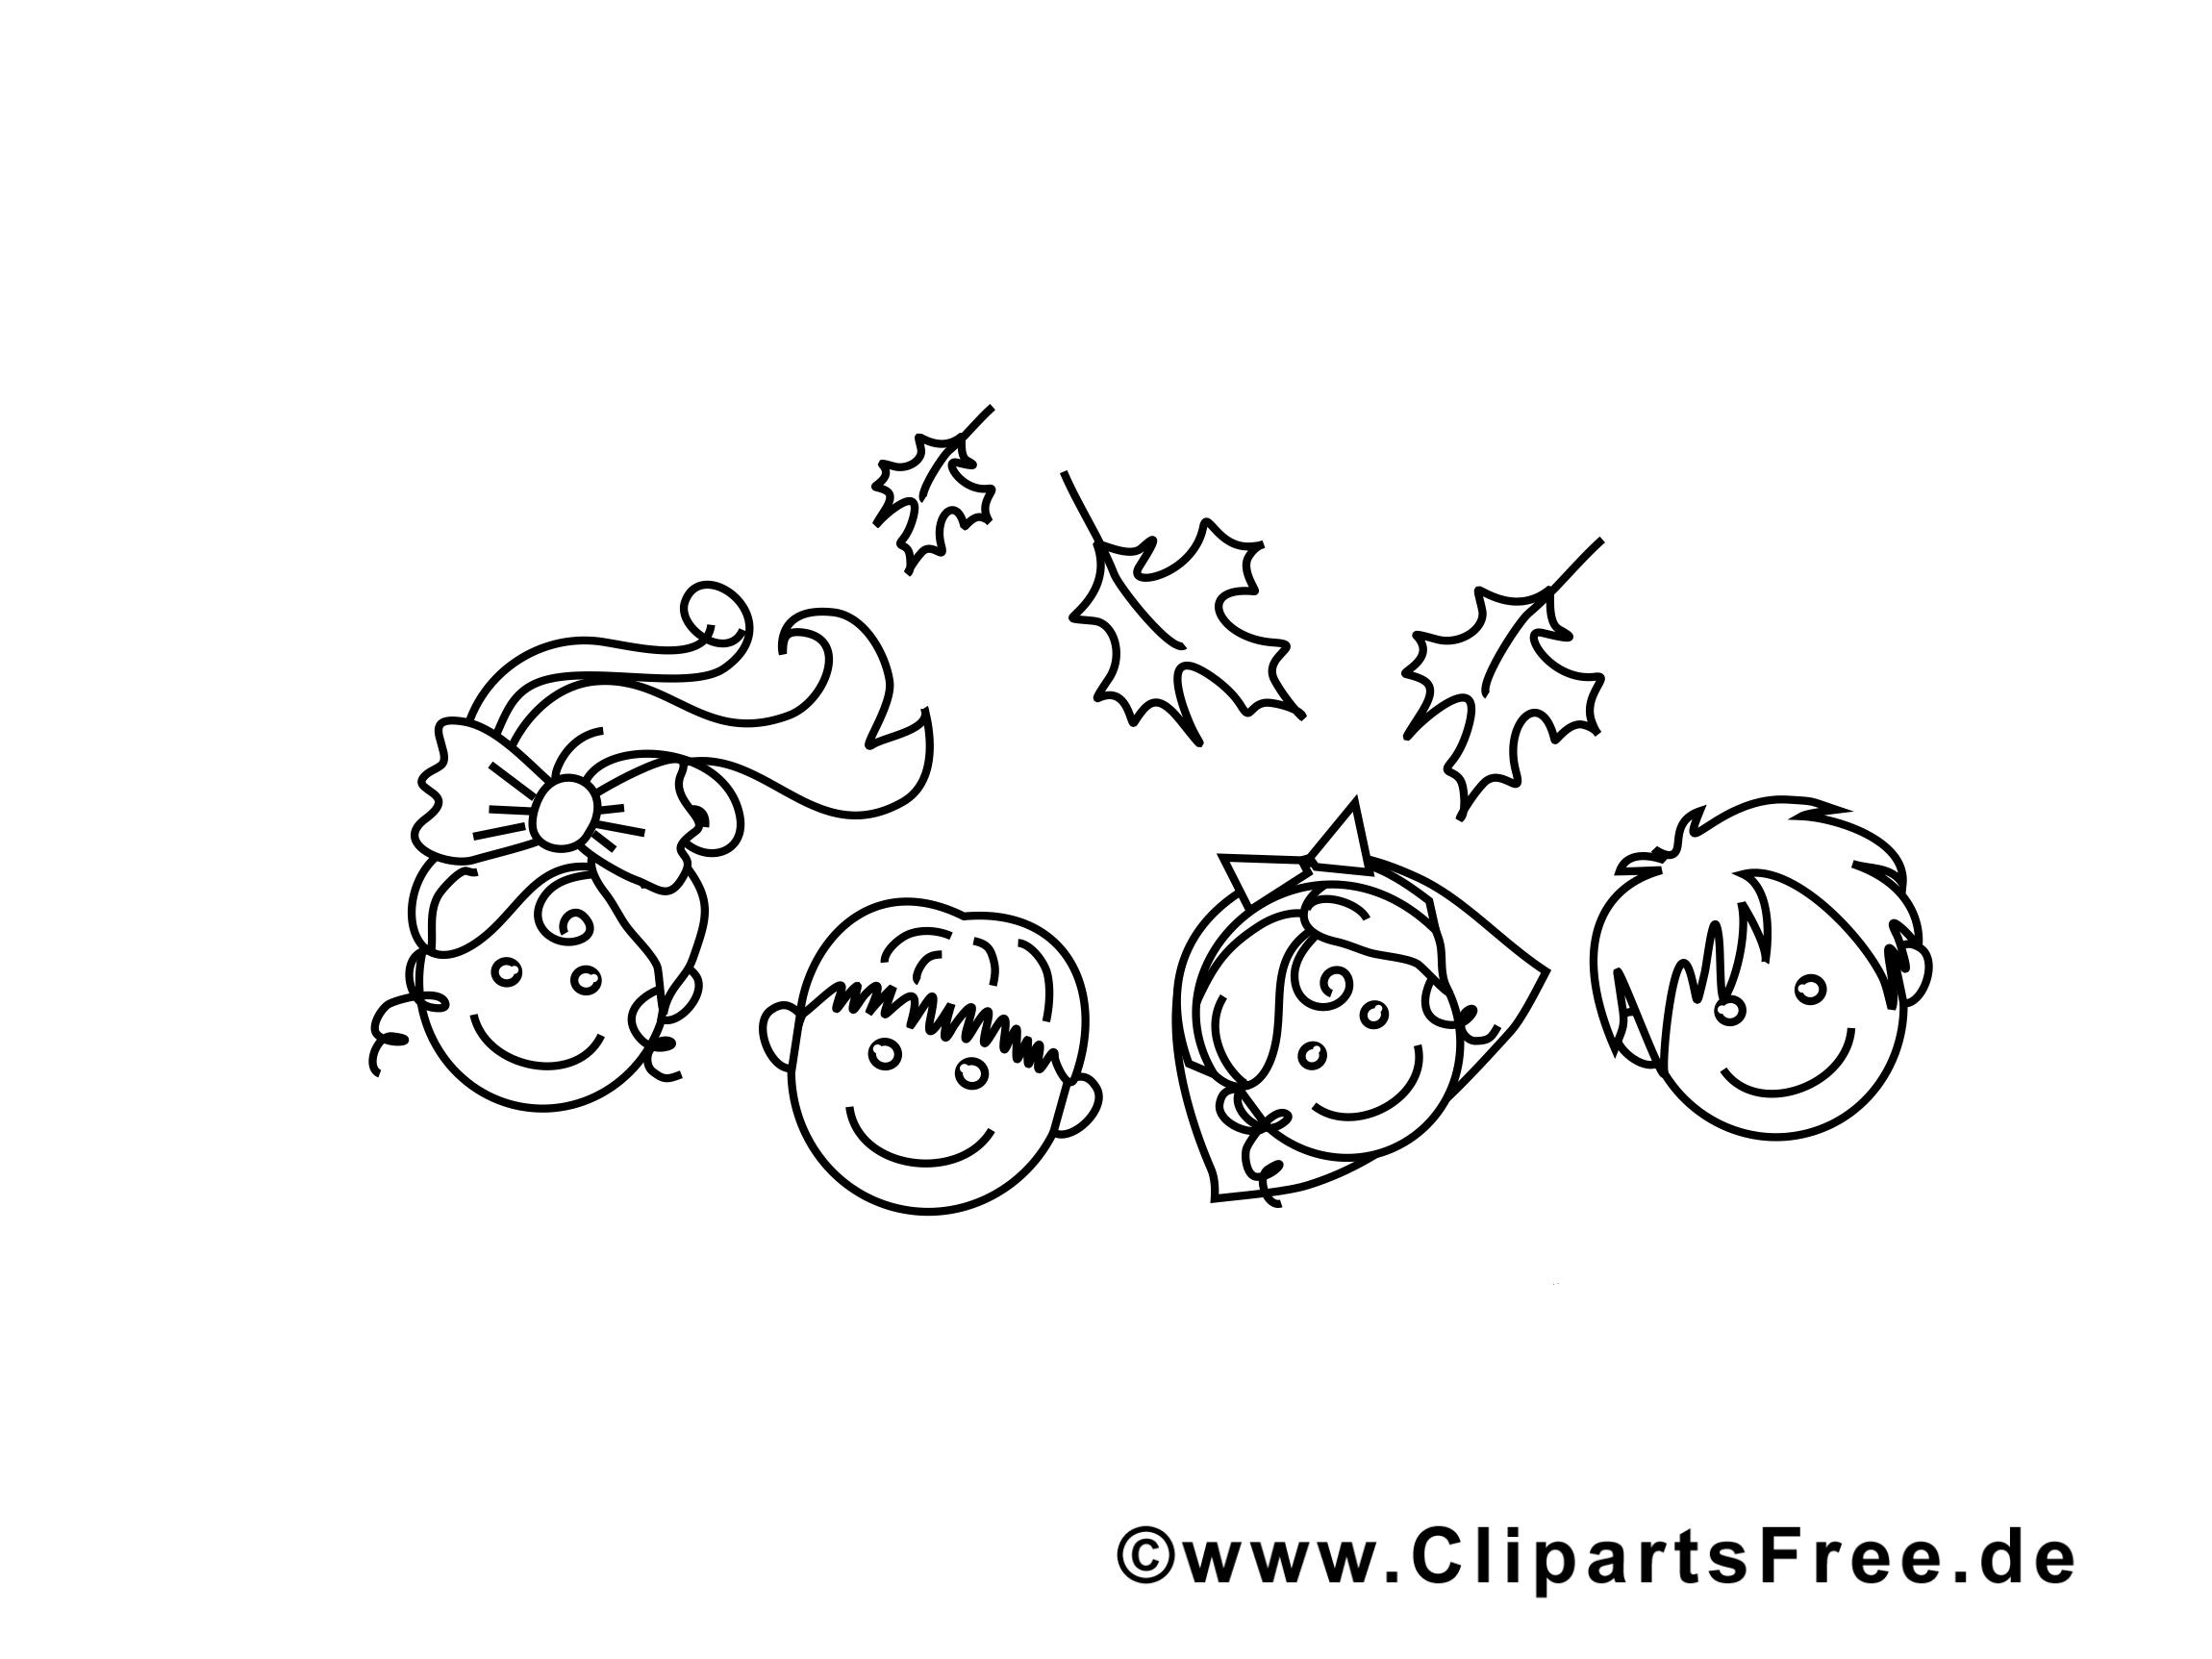 Enfants illustration – Maternelle à colorier